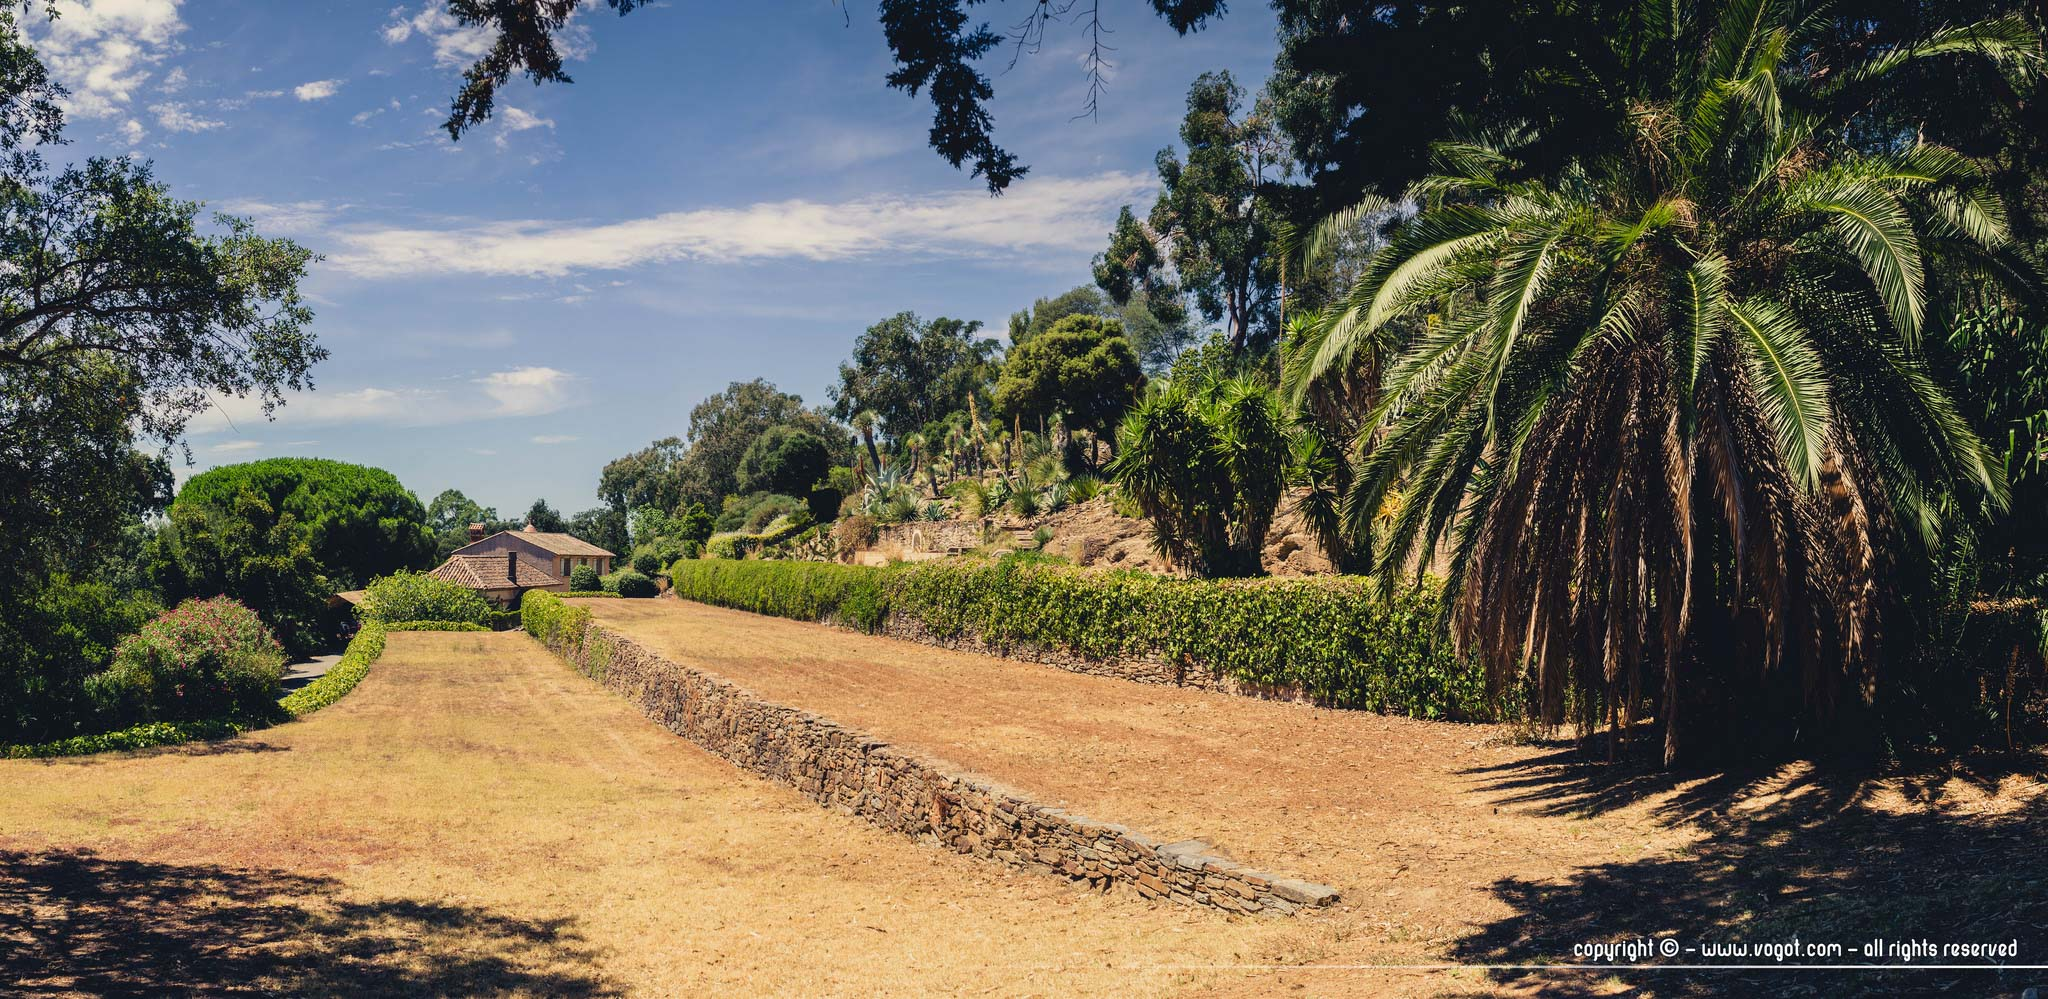 Domaine du Rayol - les terrasses en contrebas du jardin d'Amérique aride